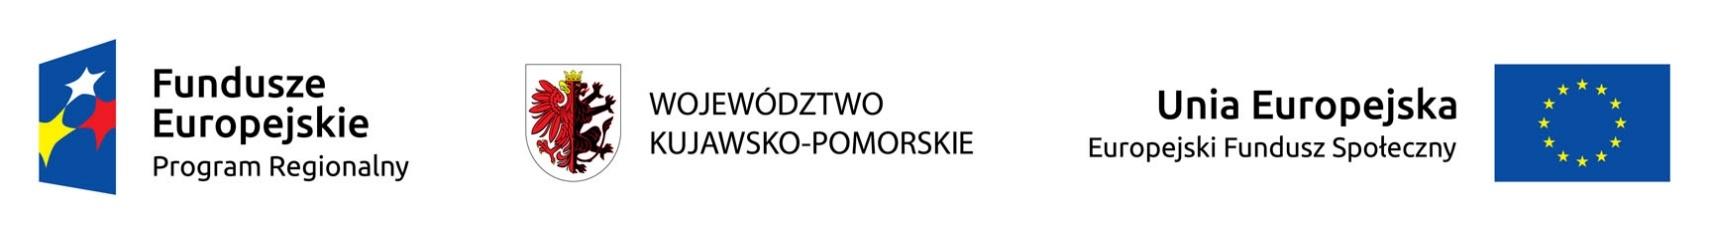 - logo_fund_eu_woj_kuj_pom_ue.jpg